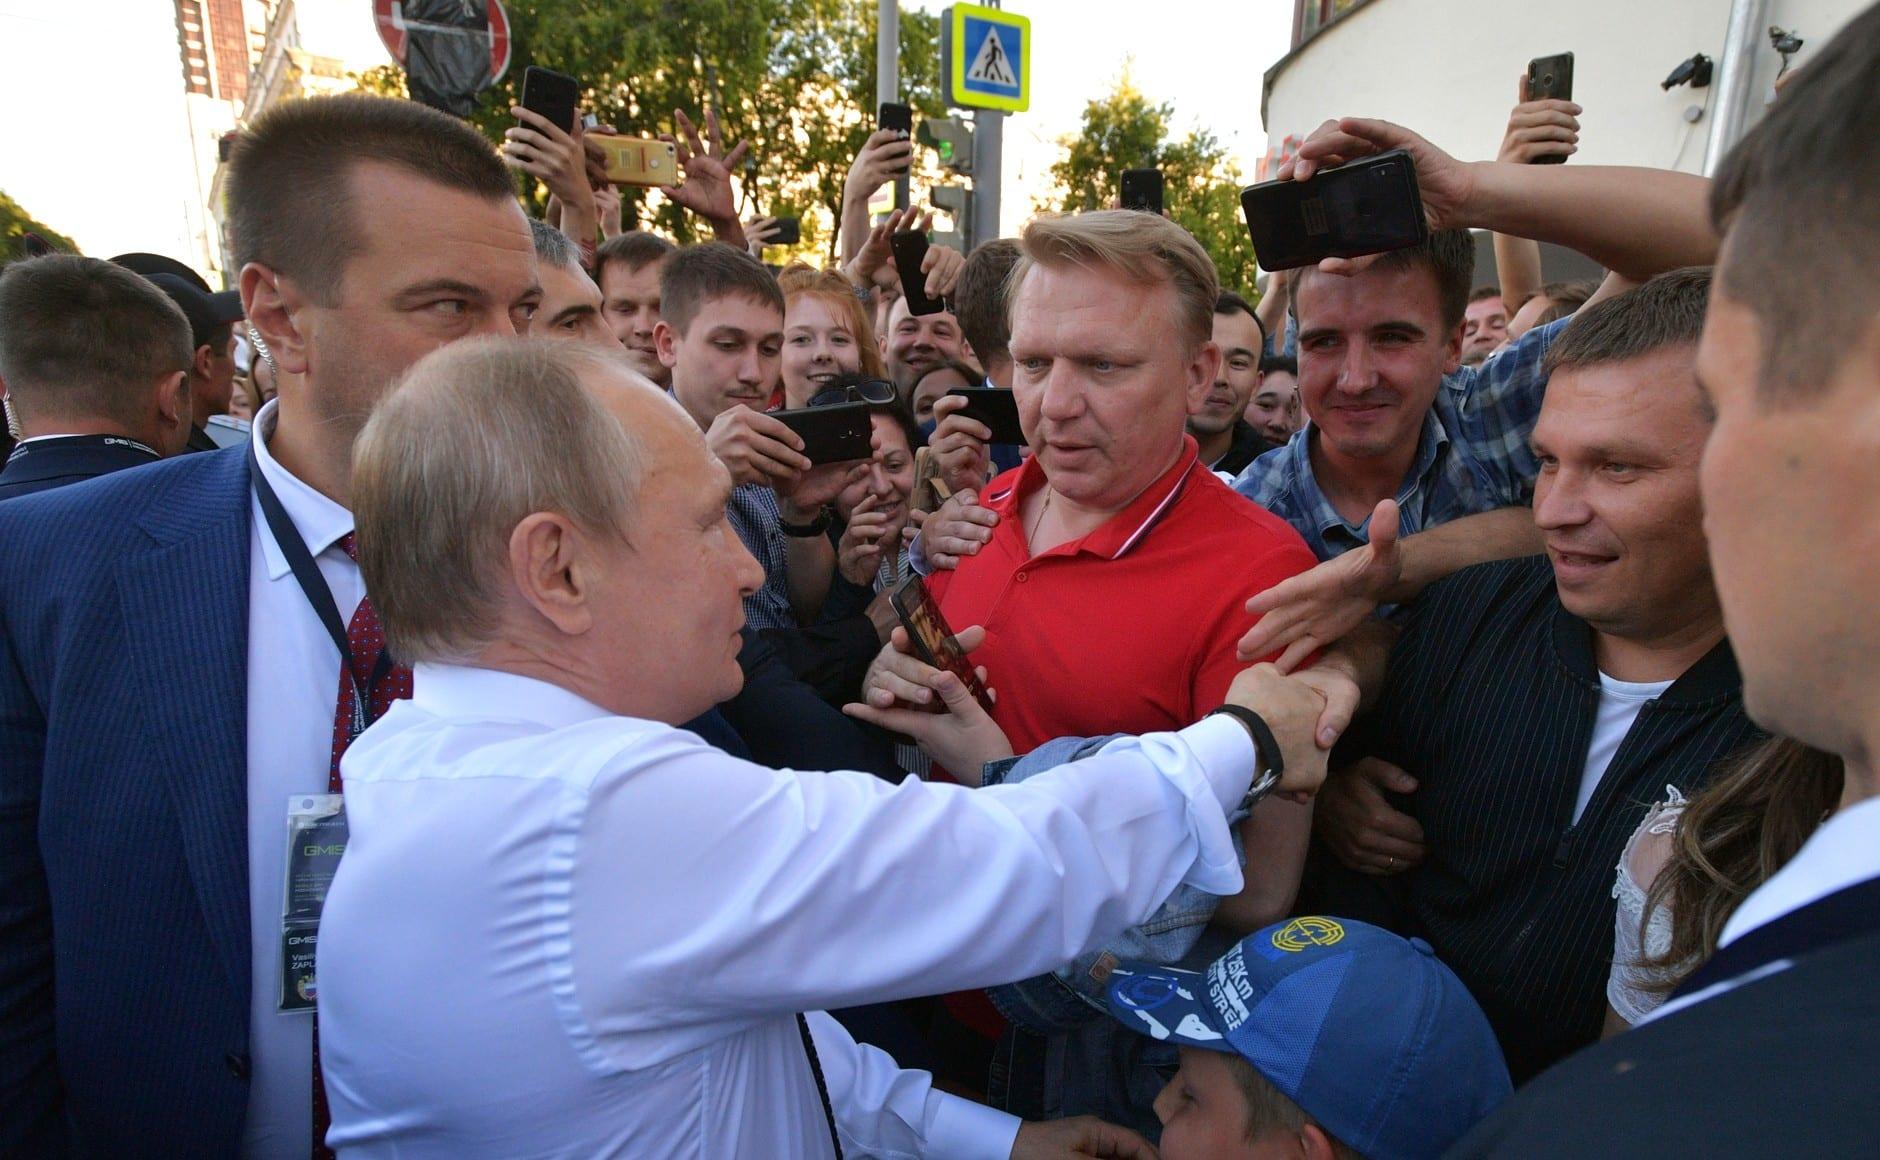 В Екатеринбурге девушка бросилась под кортеж Путина, заставив президента остановиться (ВИДЕО)